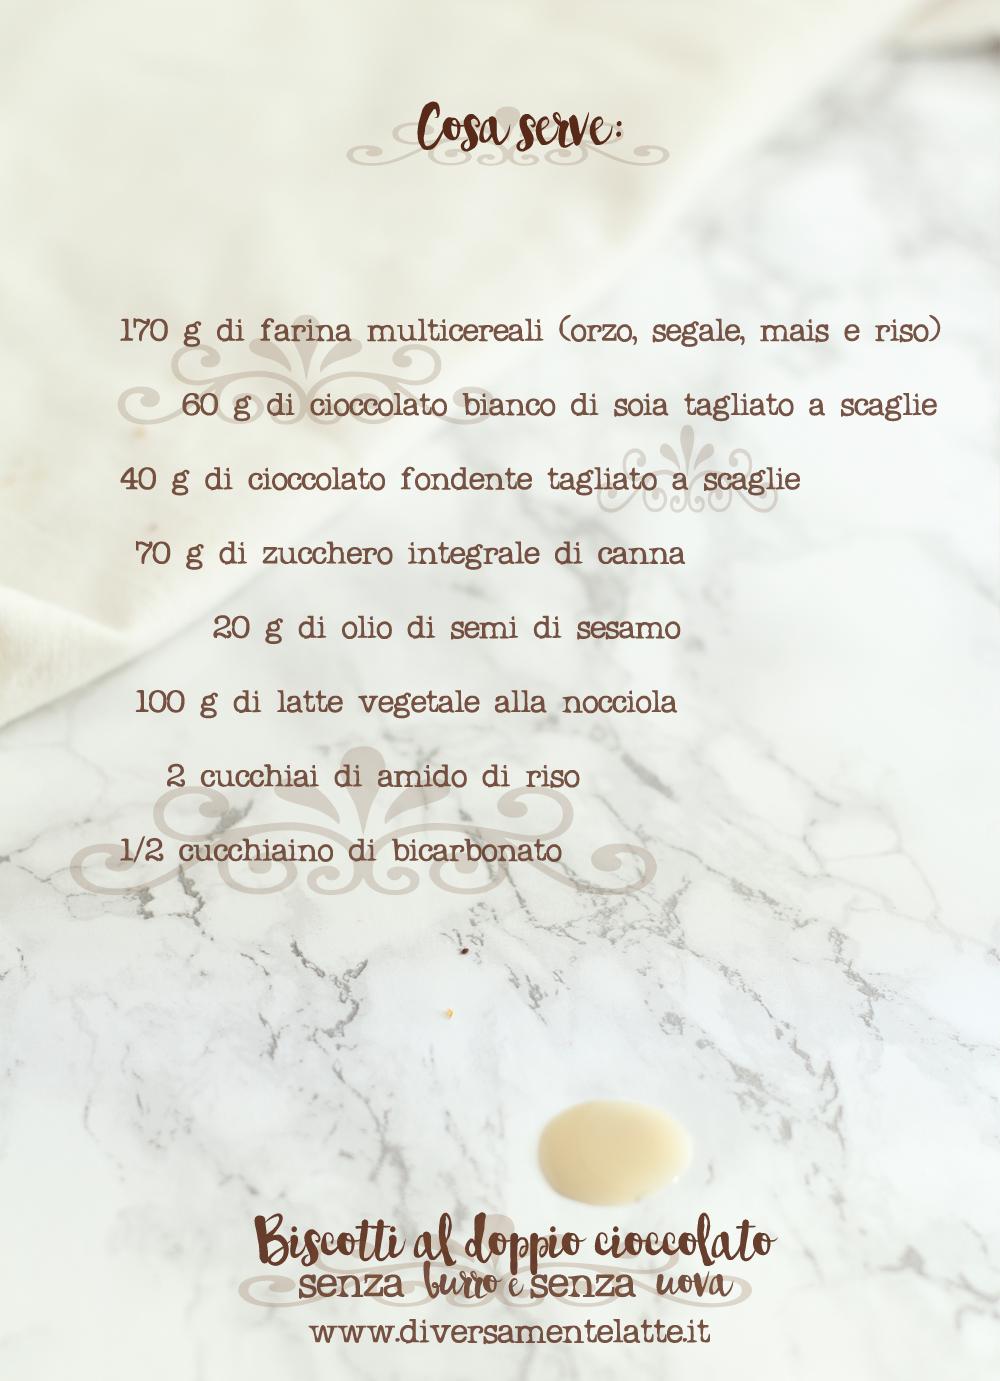 ingredienti biscotti al doppio cioccolato senza burro e uova